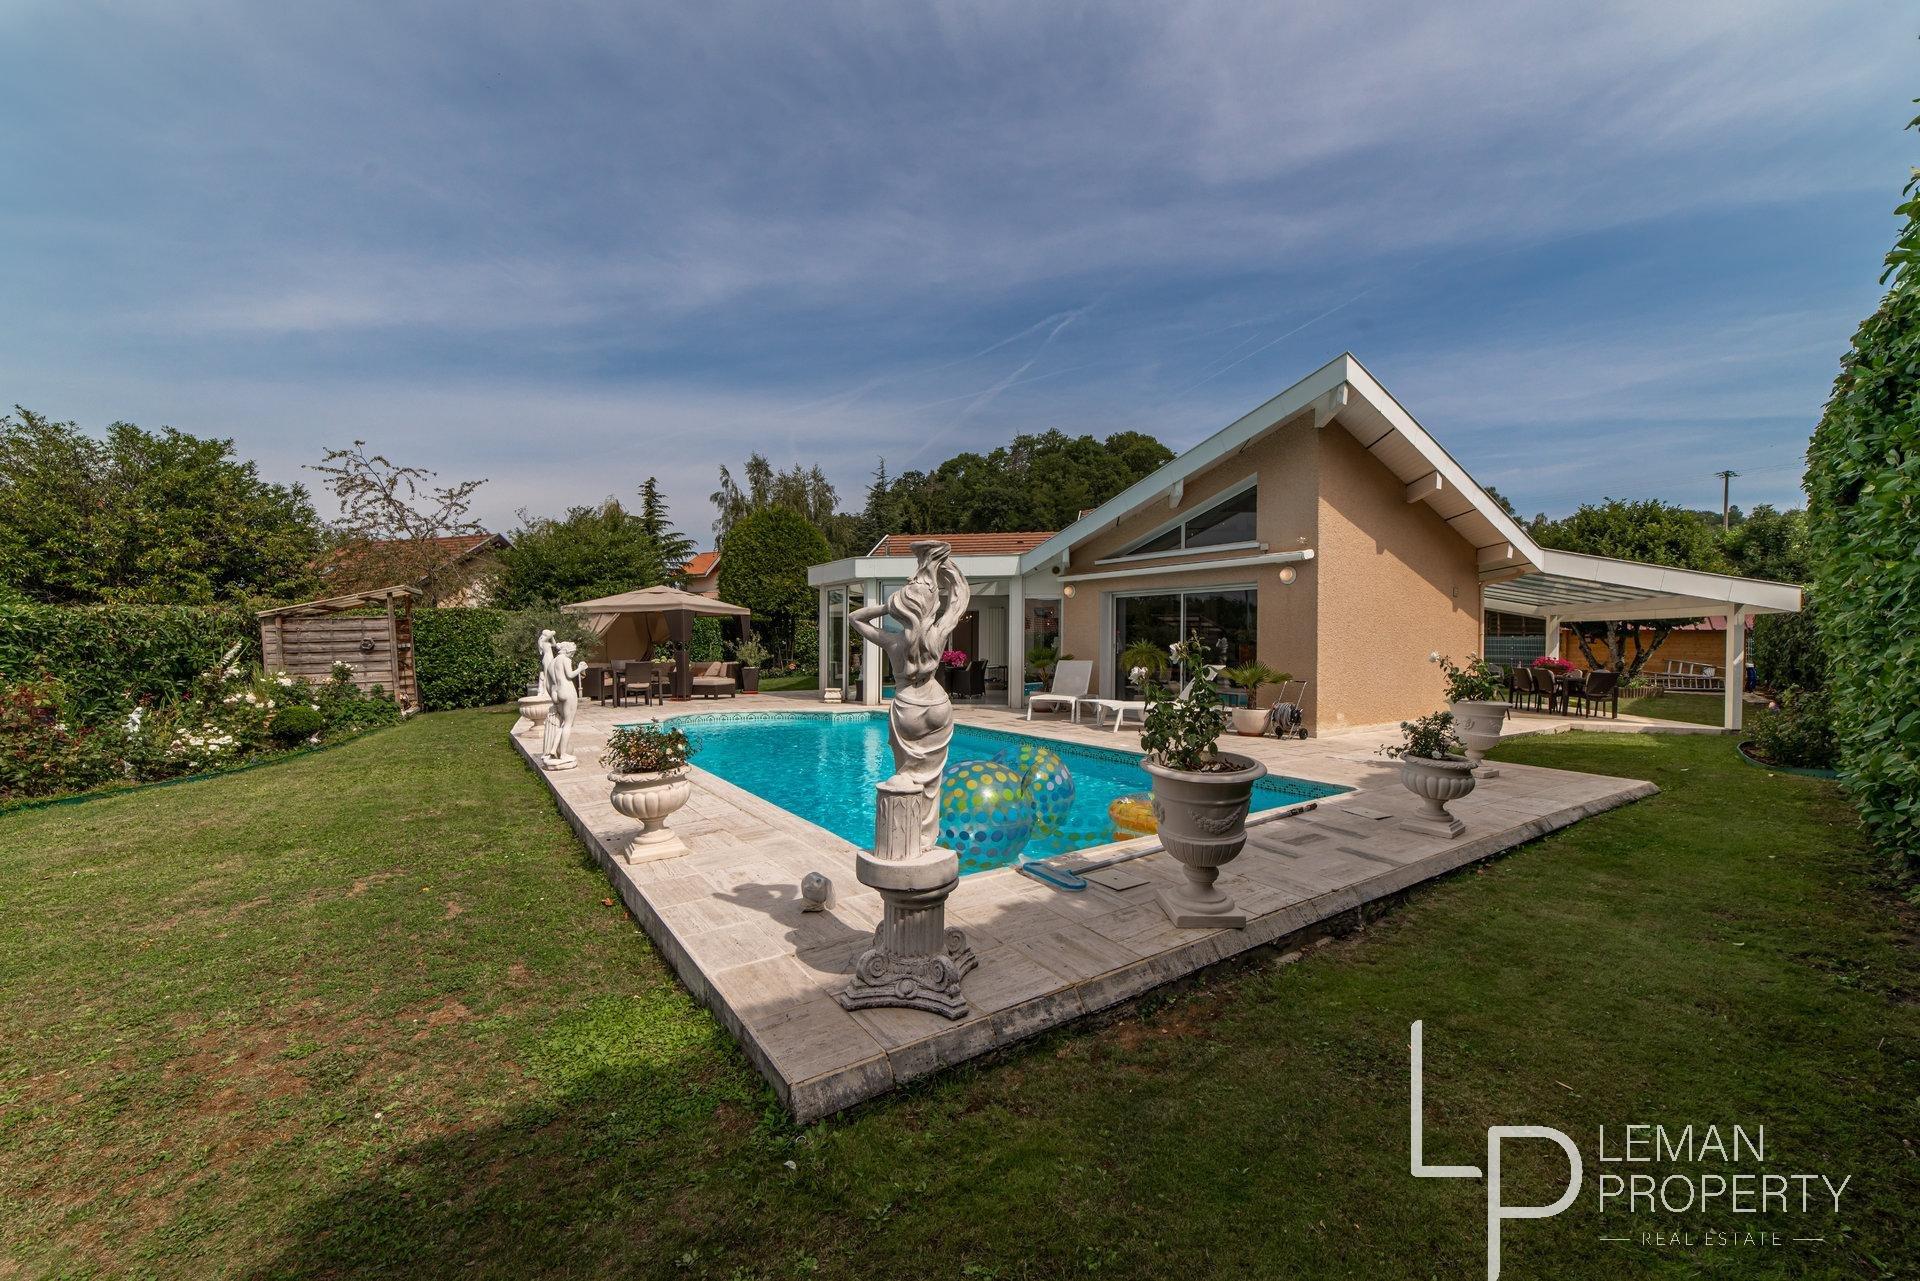 Vente de maison à Ballaison au prix de 890000€